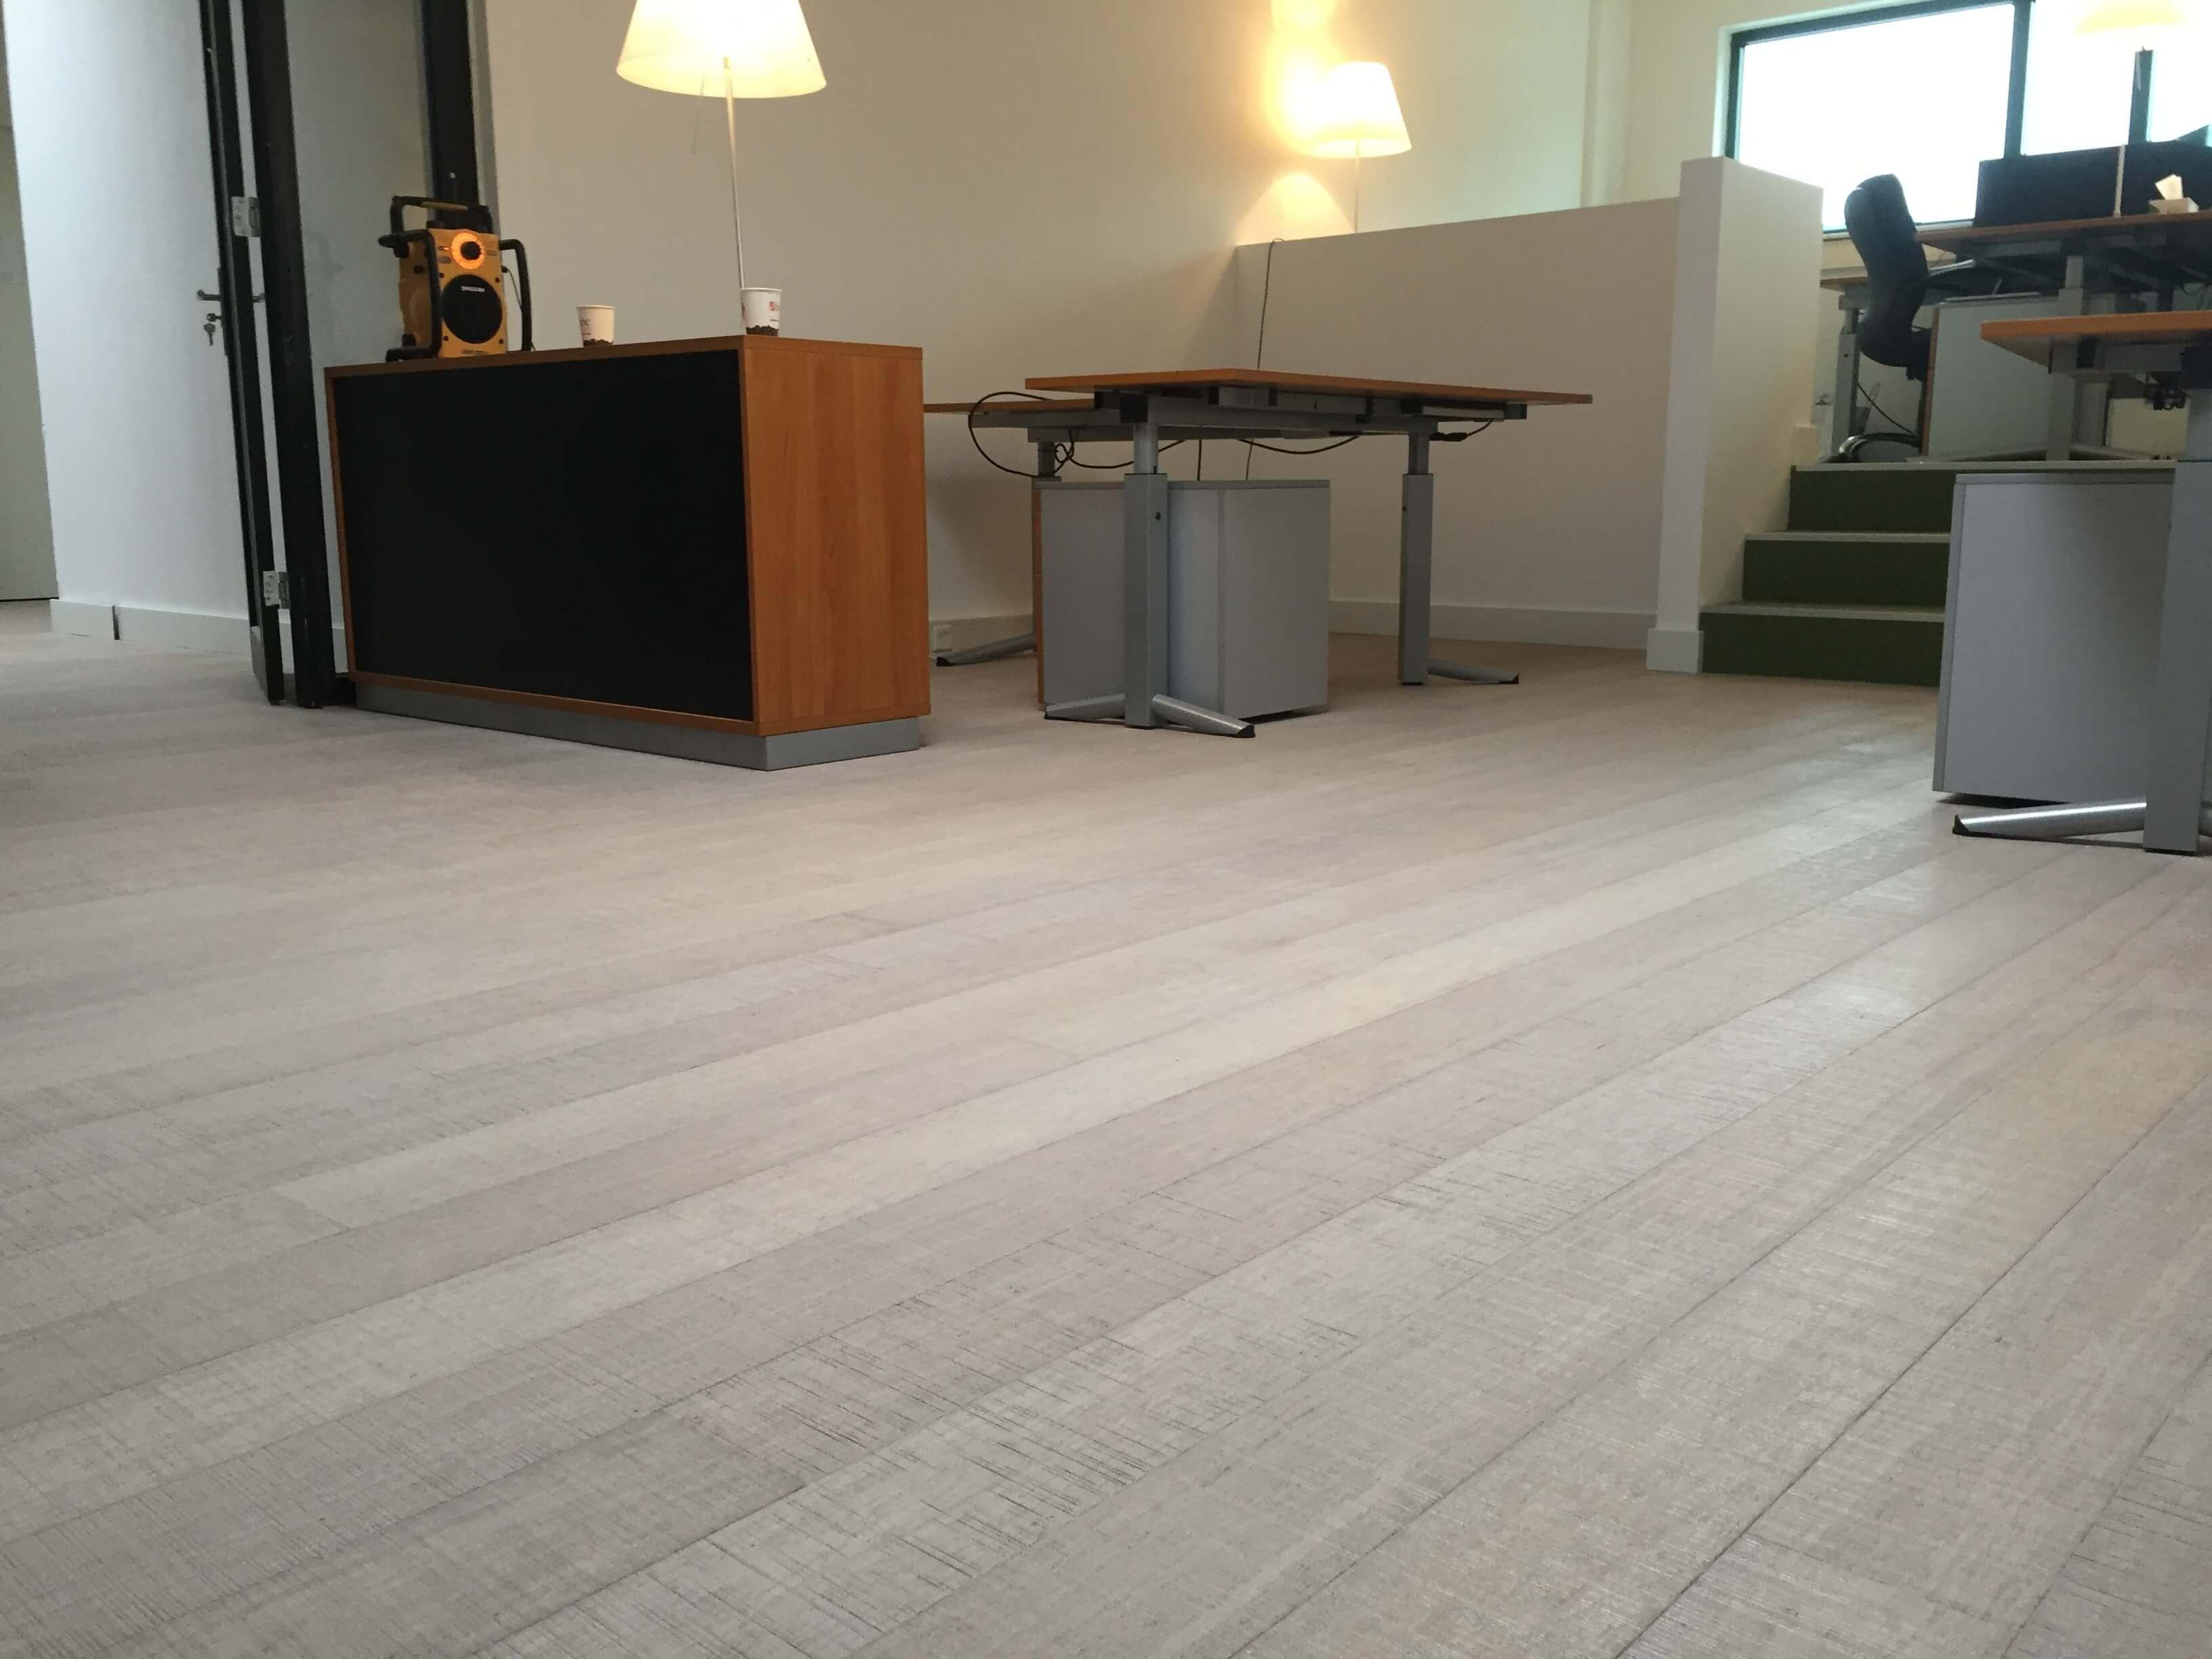 Massief Bamboe Vloer : Massief houten bamboe vloer marble white tida